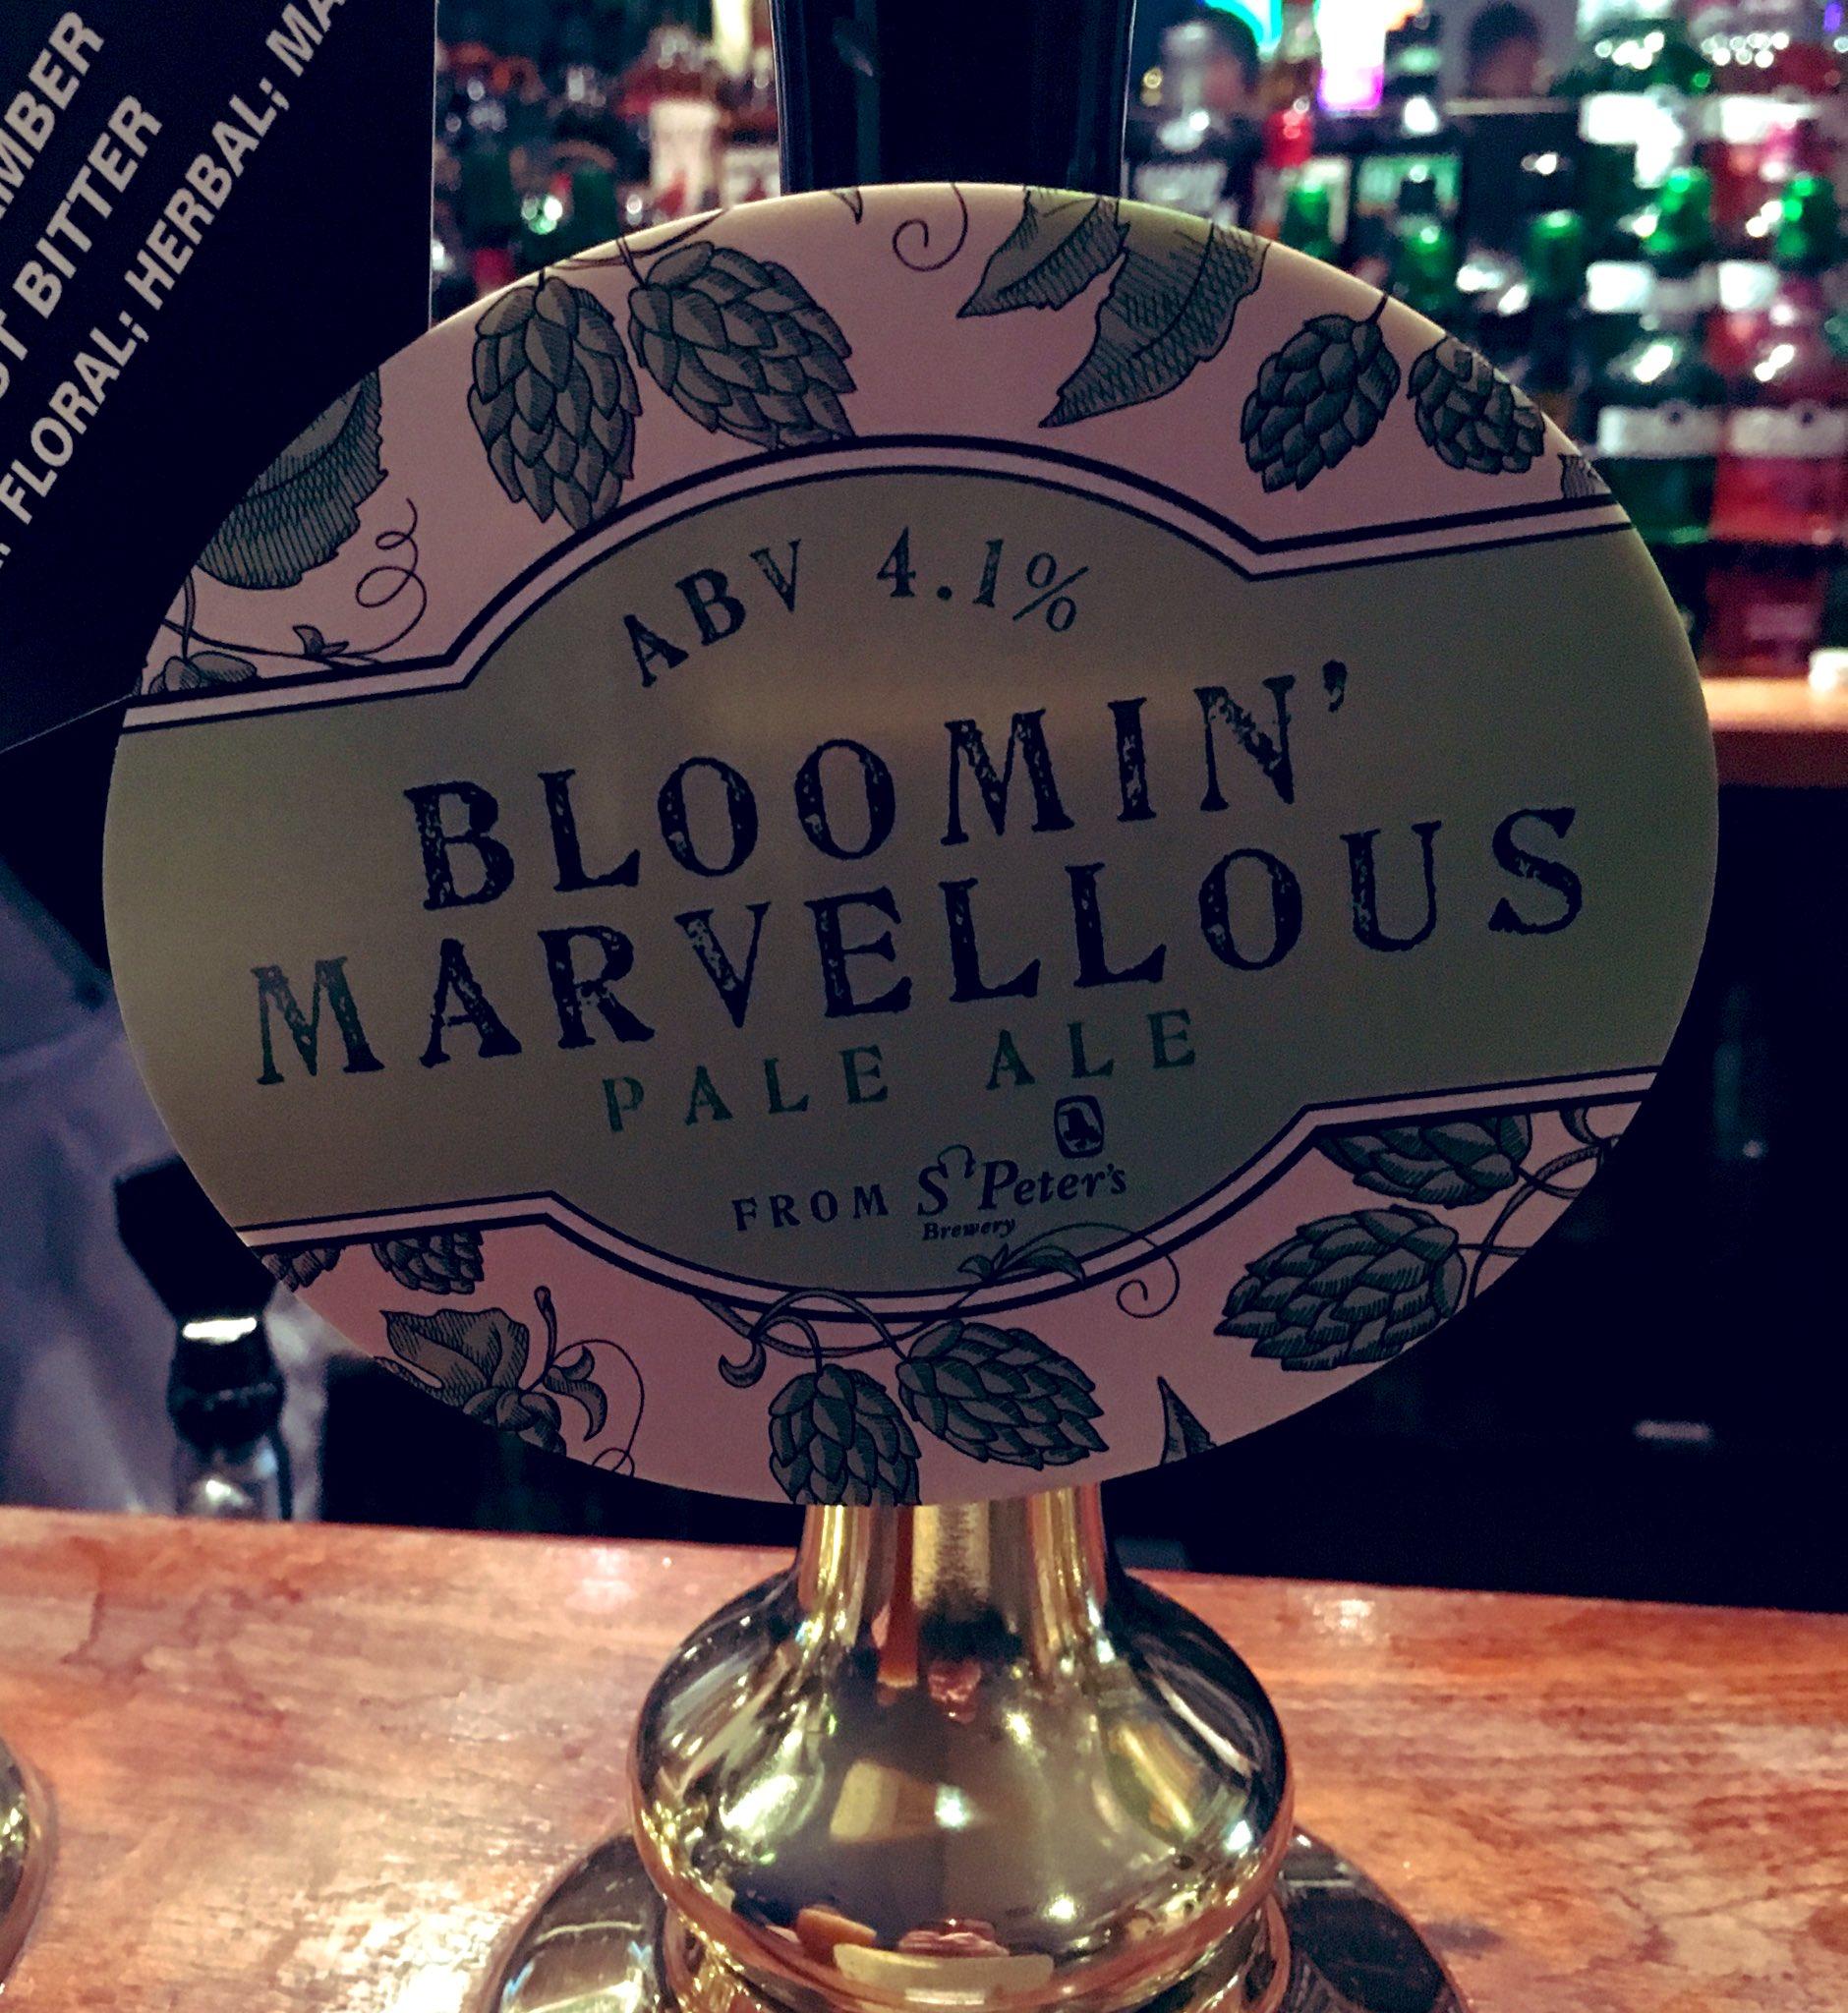 132: Bloomin' Marvellous